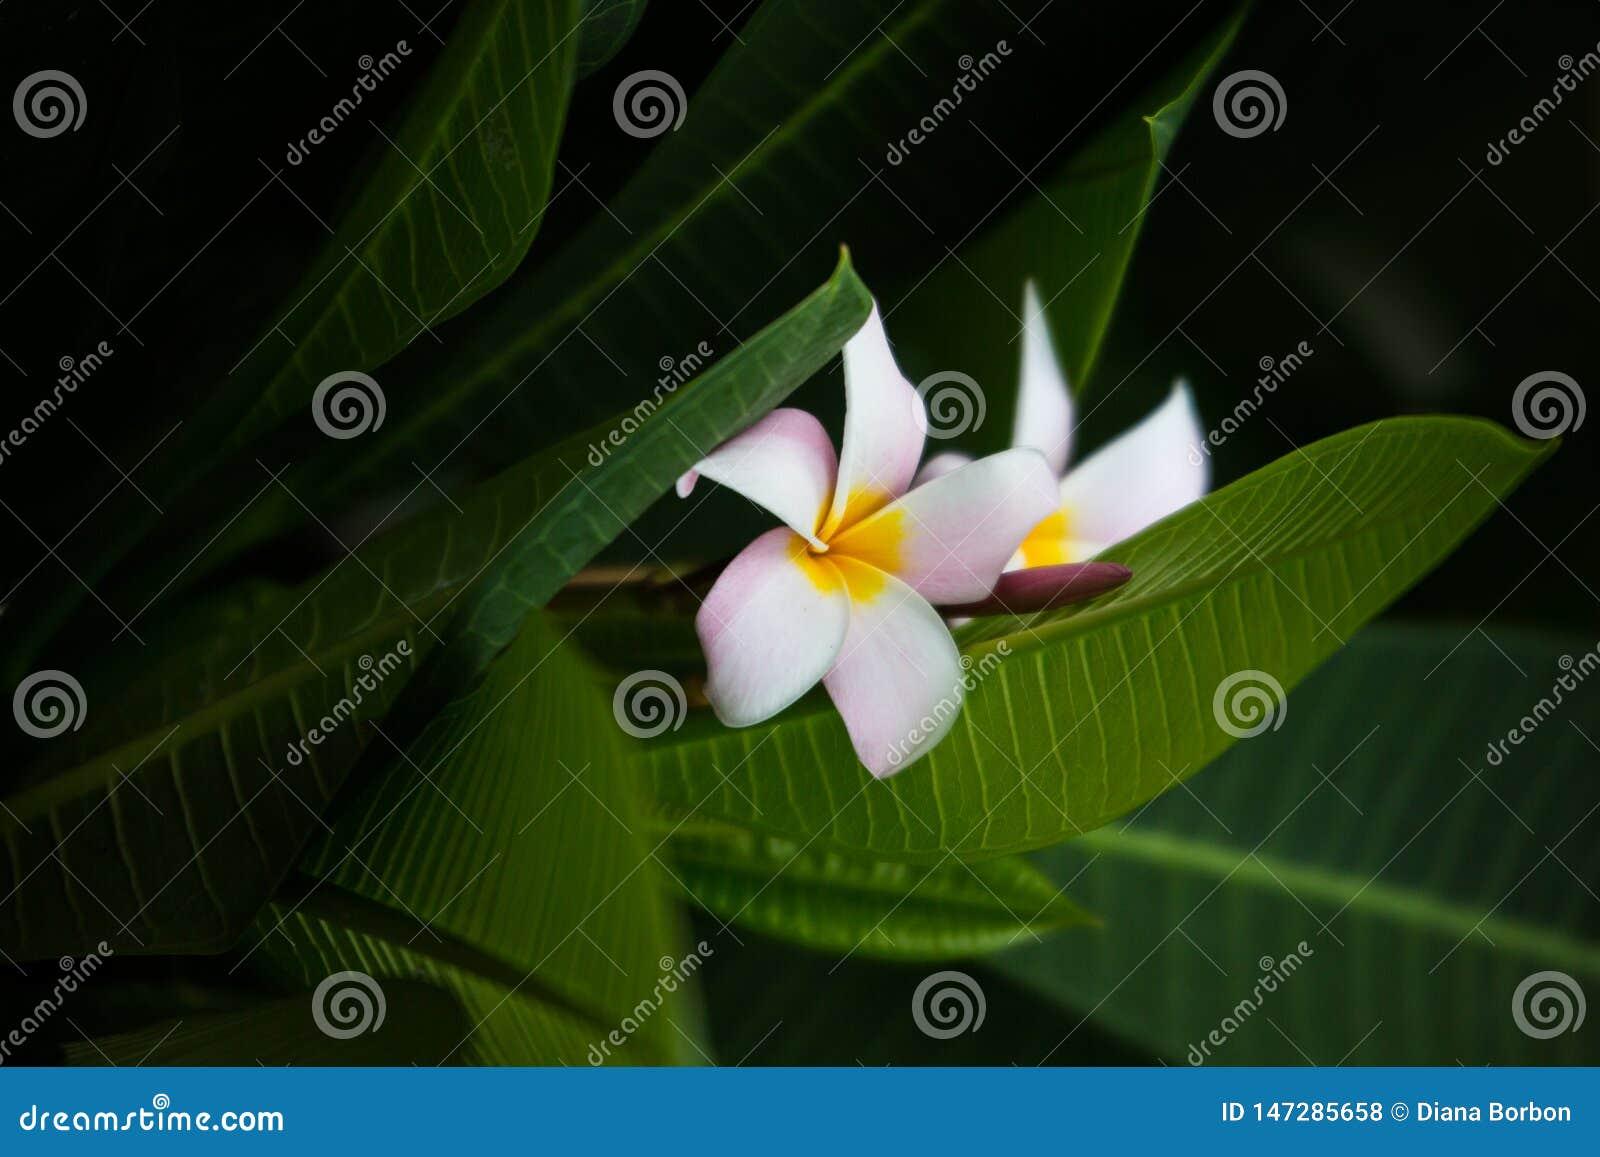 Frangipanibloem op groen blad backgorund Bali - Beeld